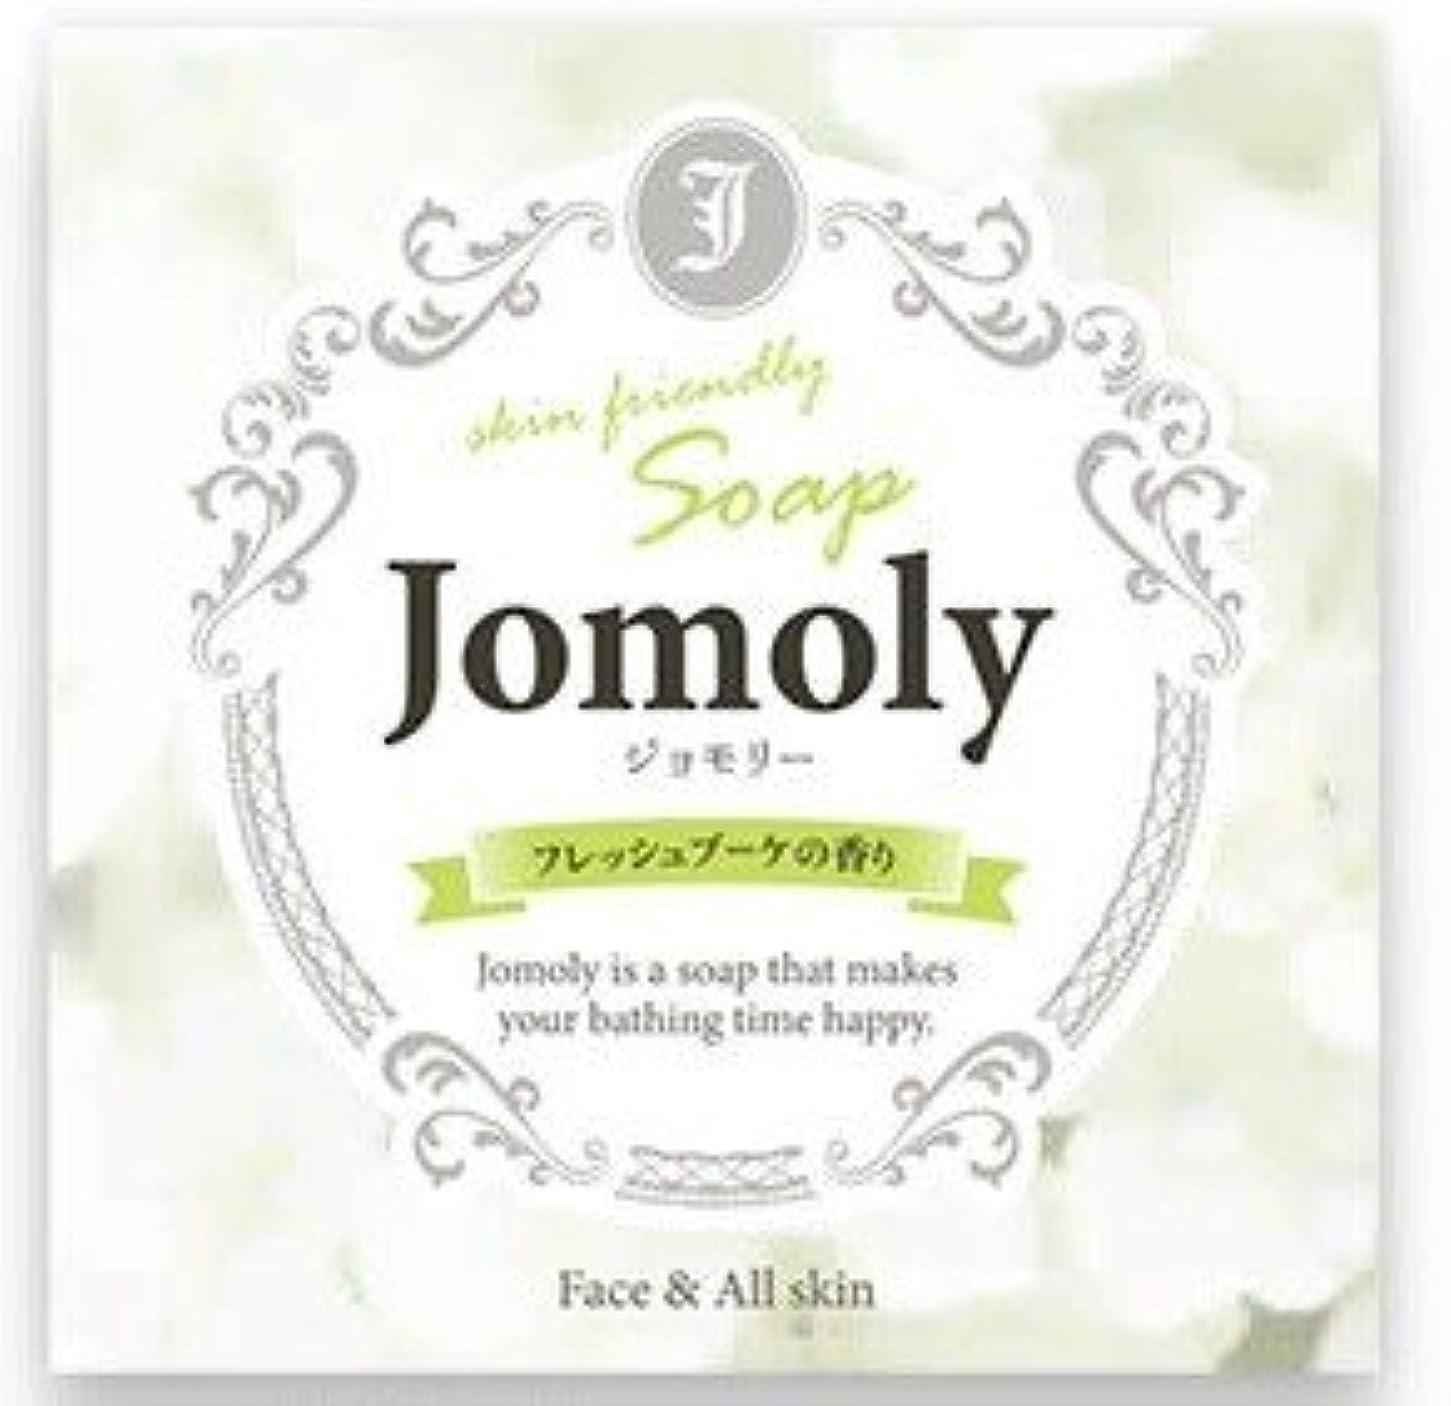 羊飼いインテリア負担Jomoly(ジョモリー)80g